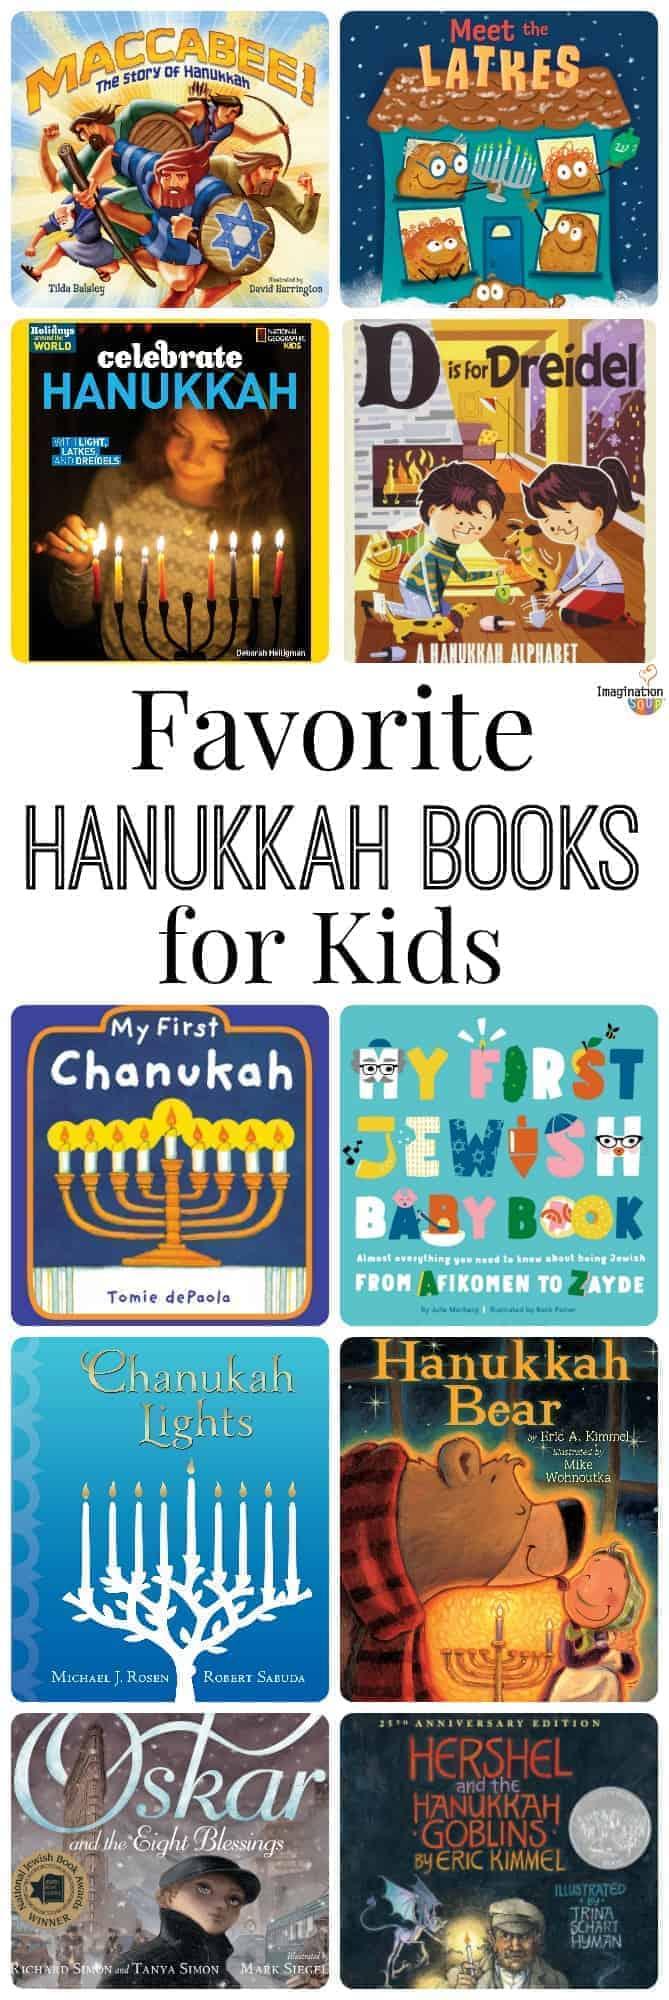 Favorite Children's Hanukkah Books for Kids